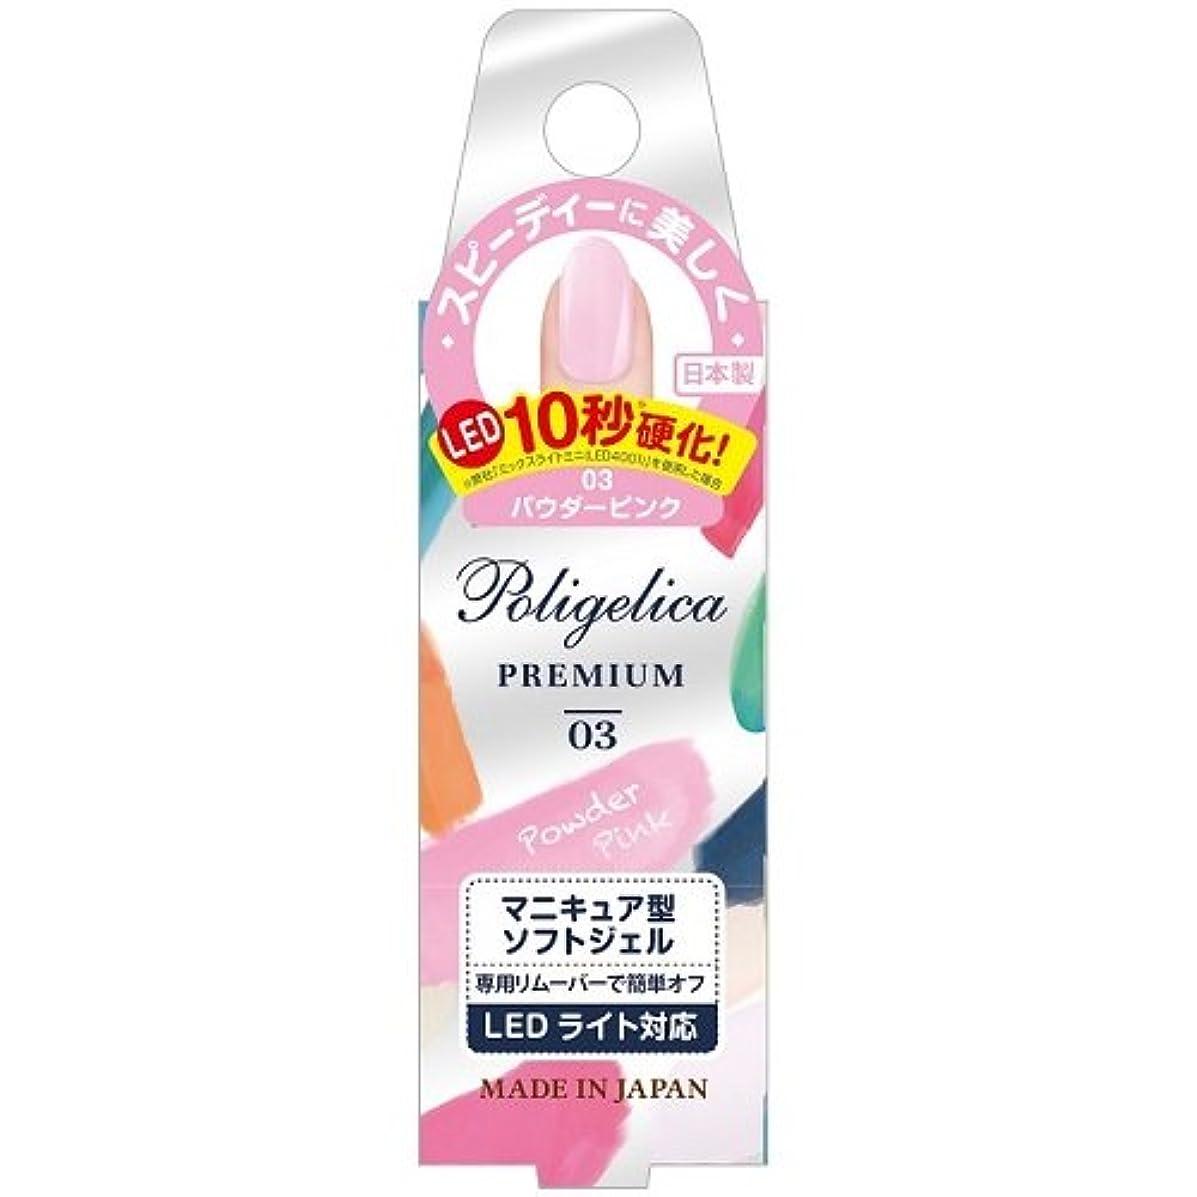 キャンディー保安良さBW ポリジェリカプレミアム カラージェル 1003/パウダーピンク (6g)